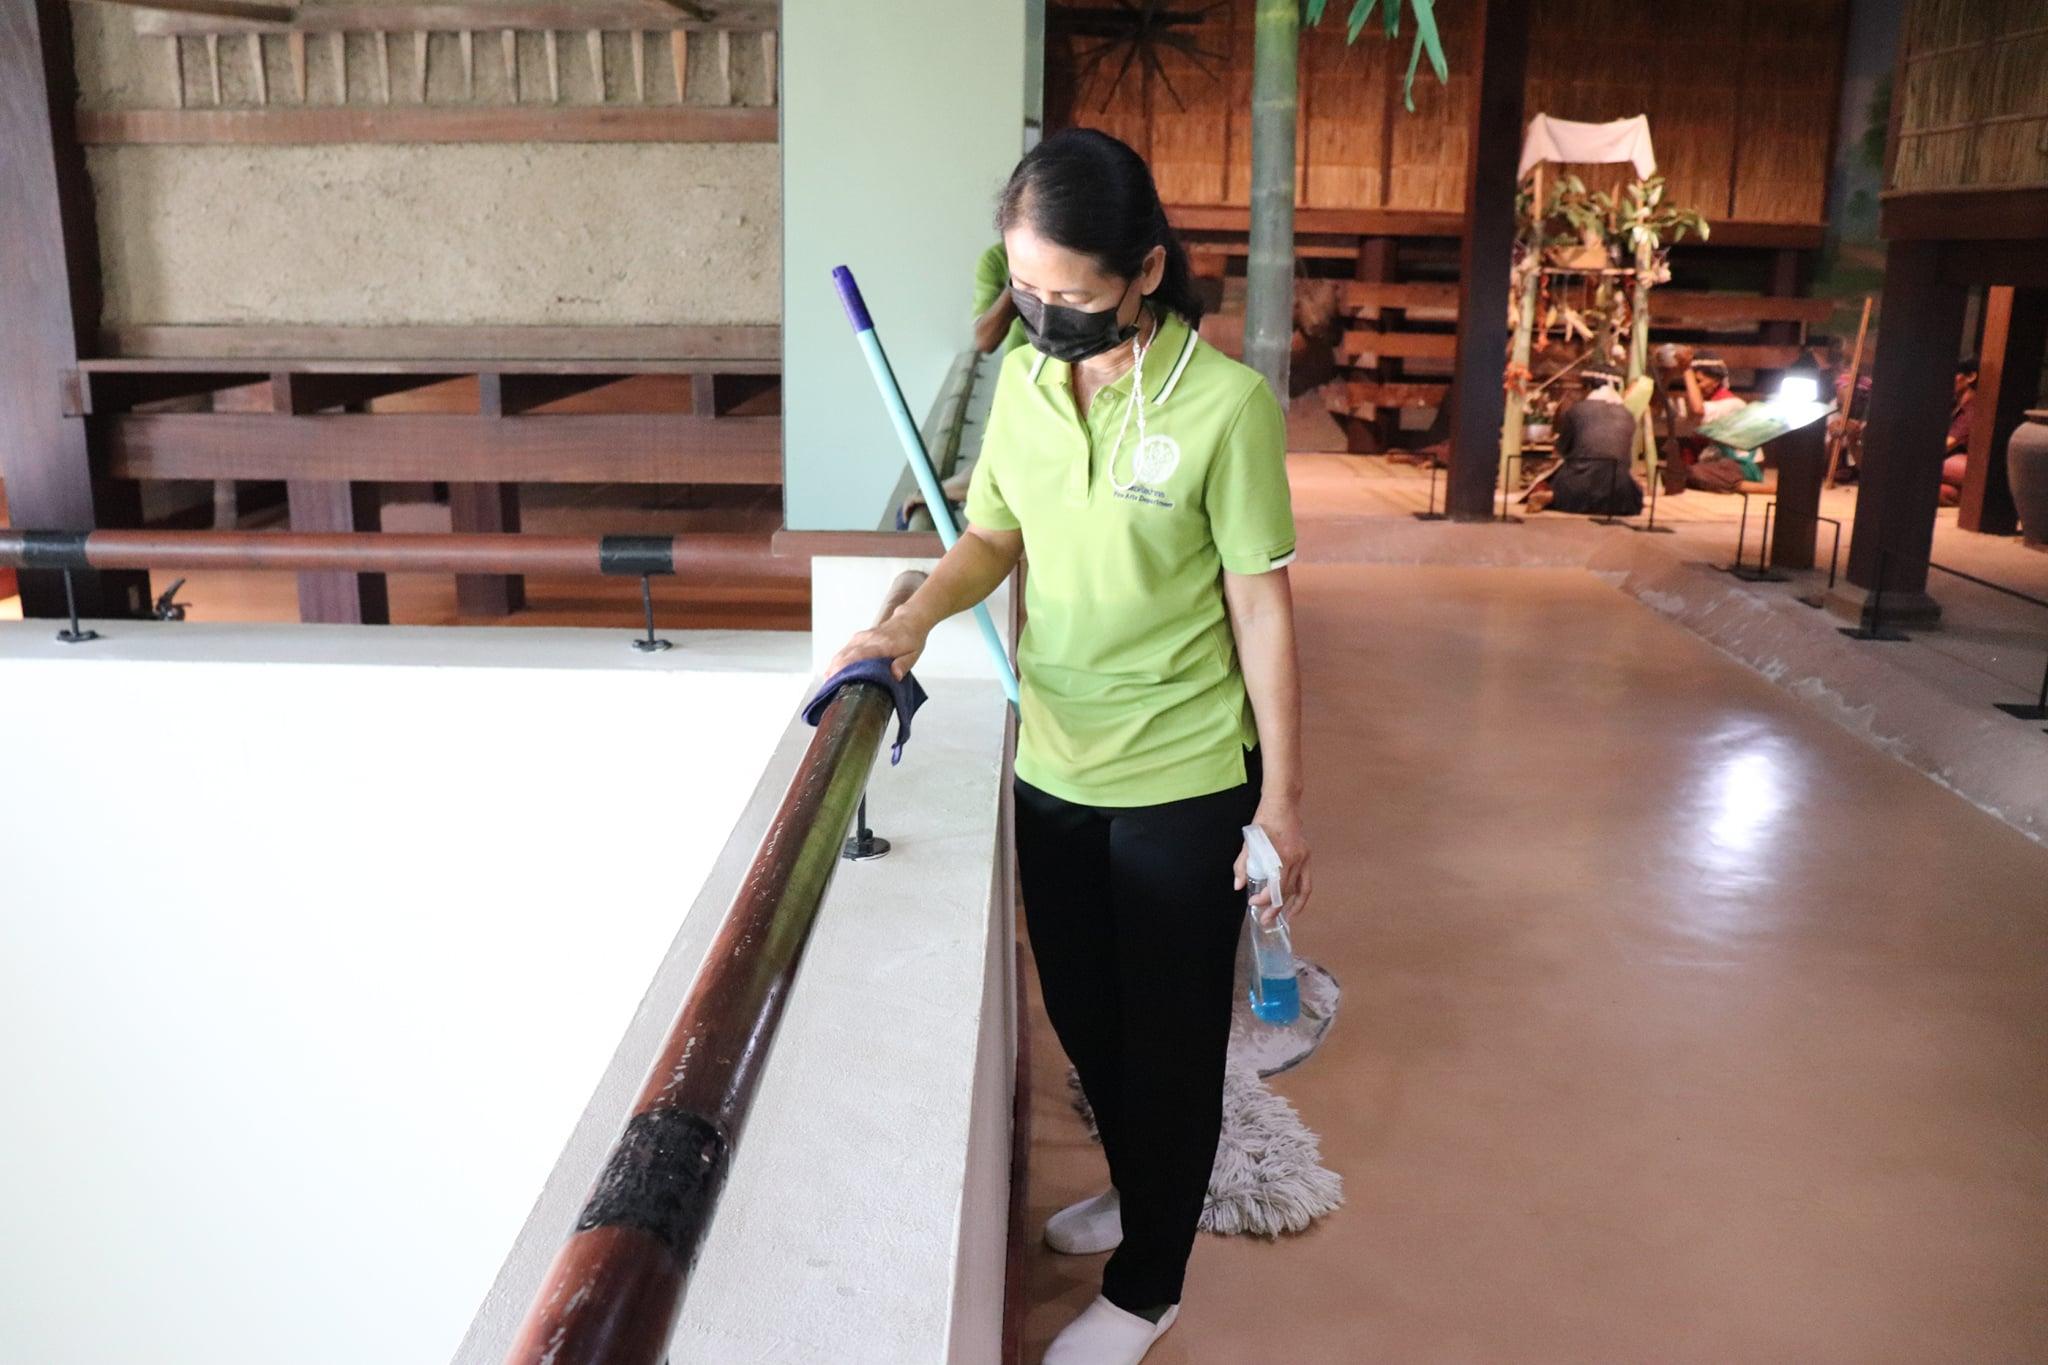 กิจกรรม   Big Cleaning Day   ประจำวันอาทิตย์ที่ ๗ มีนาคม ๒๕๖๔